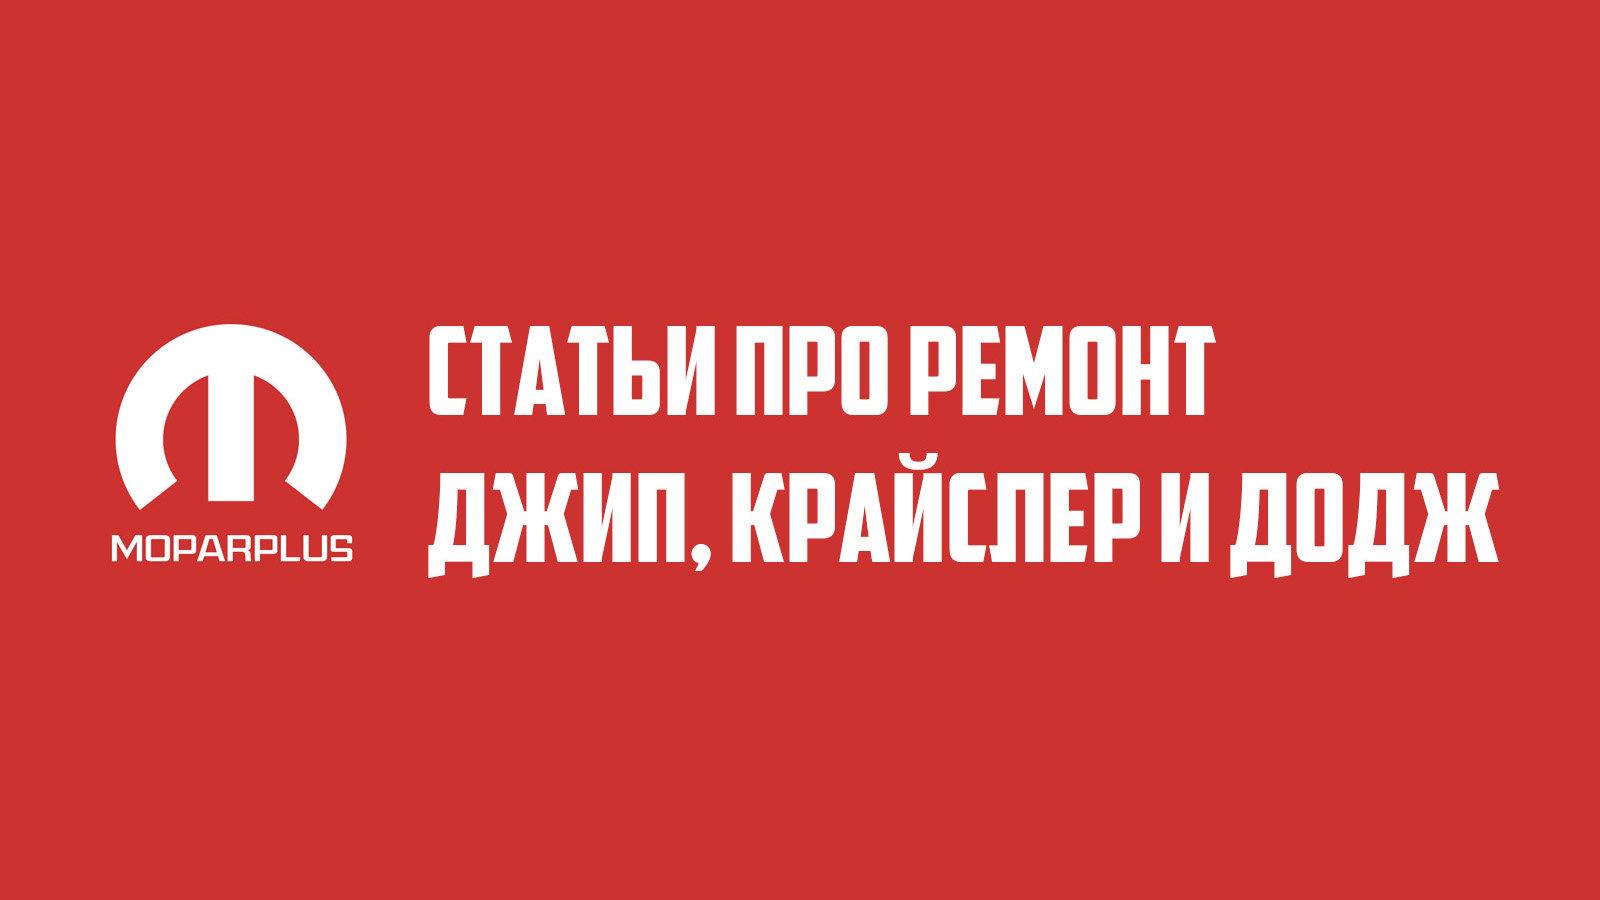 Статьи про ремонт. Выпуск №26.